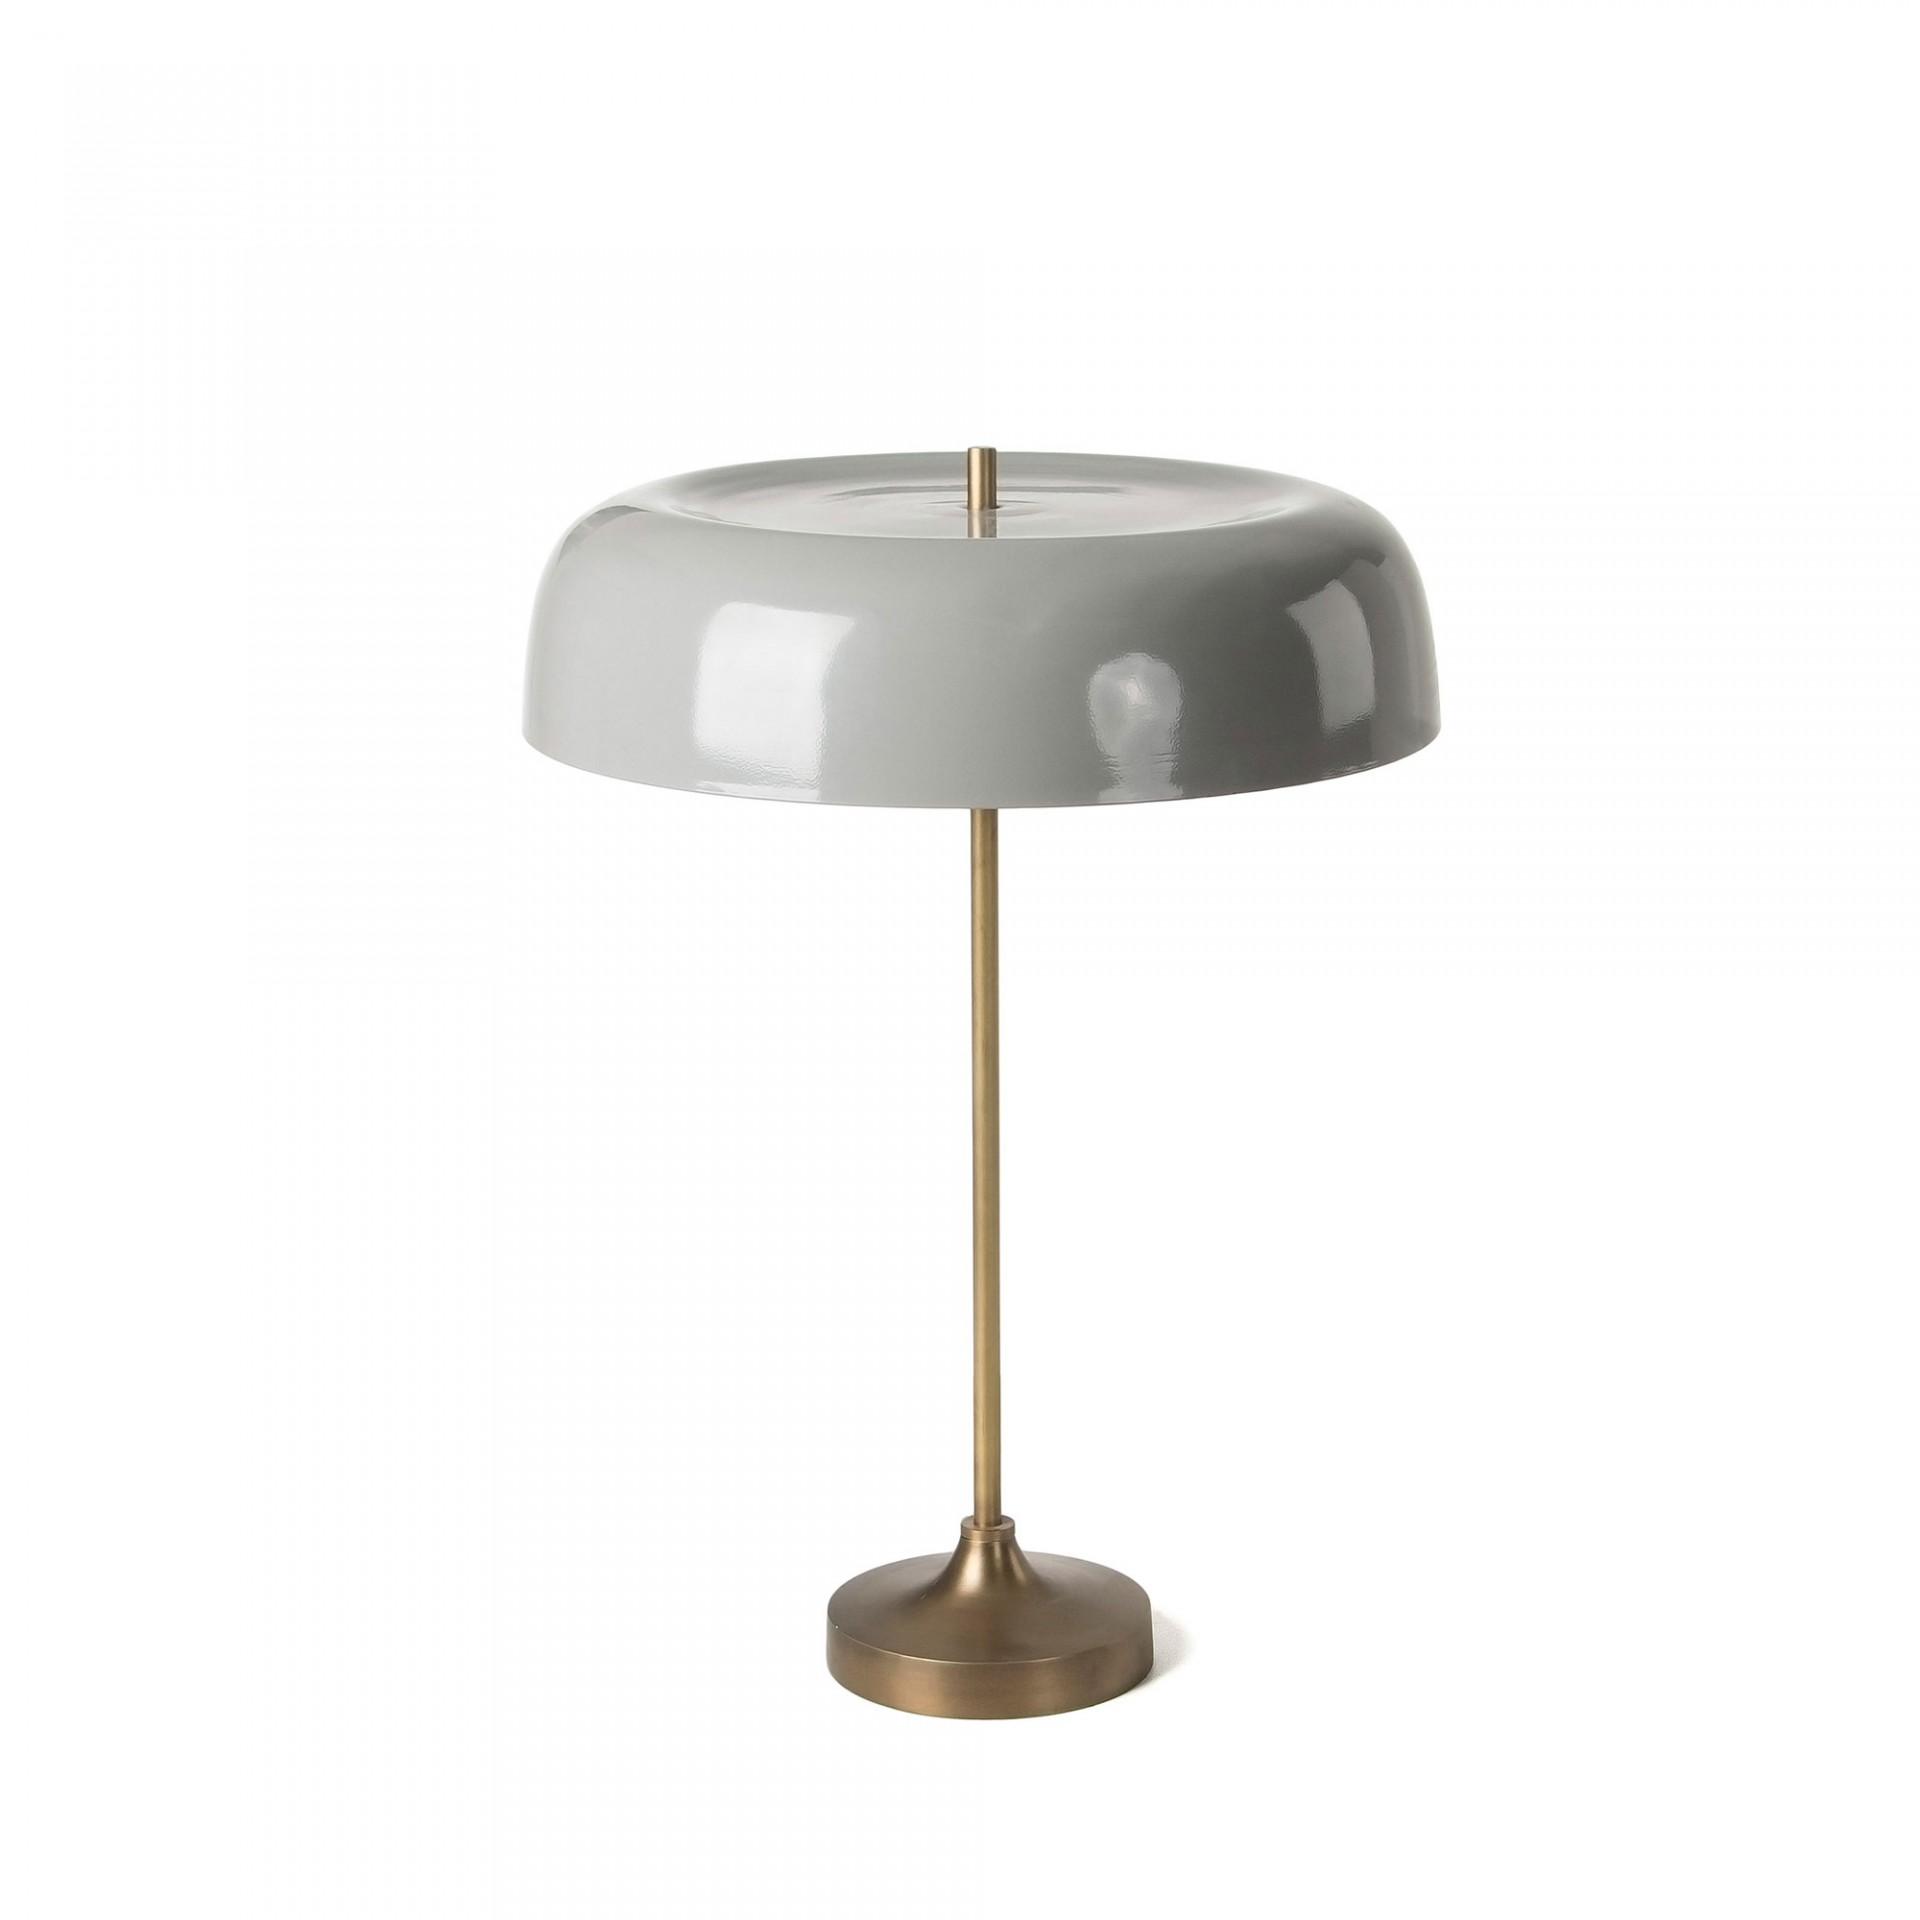 Candeeiro de mesa Bery, metal, cinza/dourado, Ø41x55